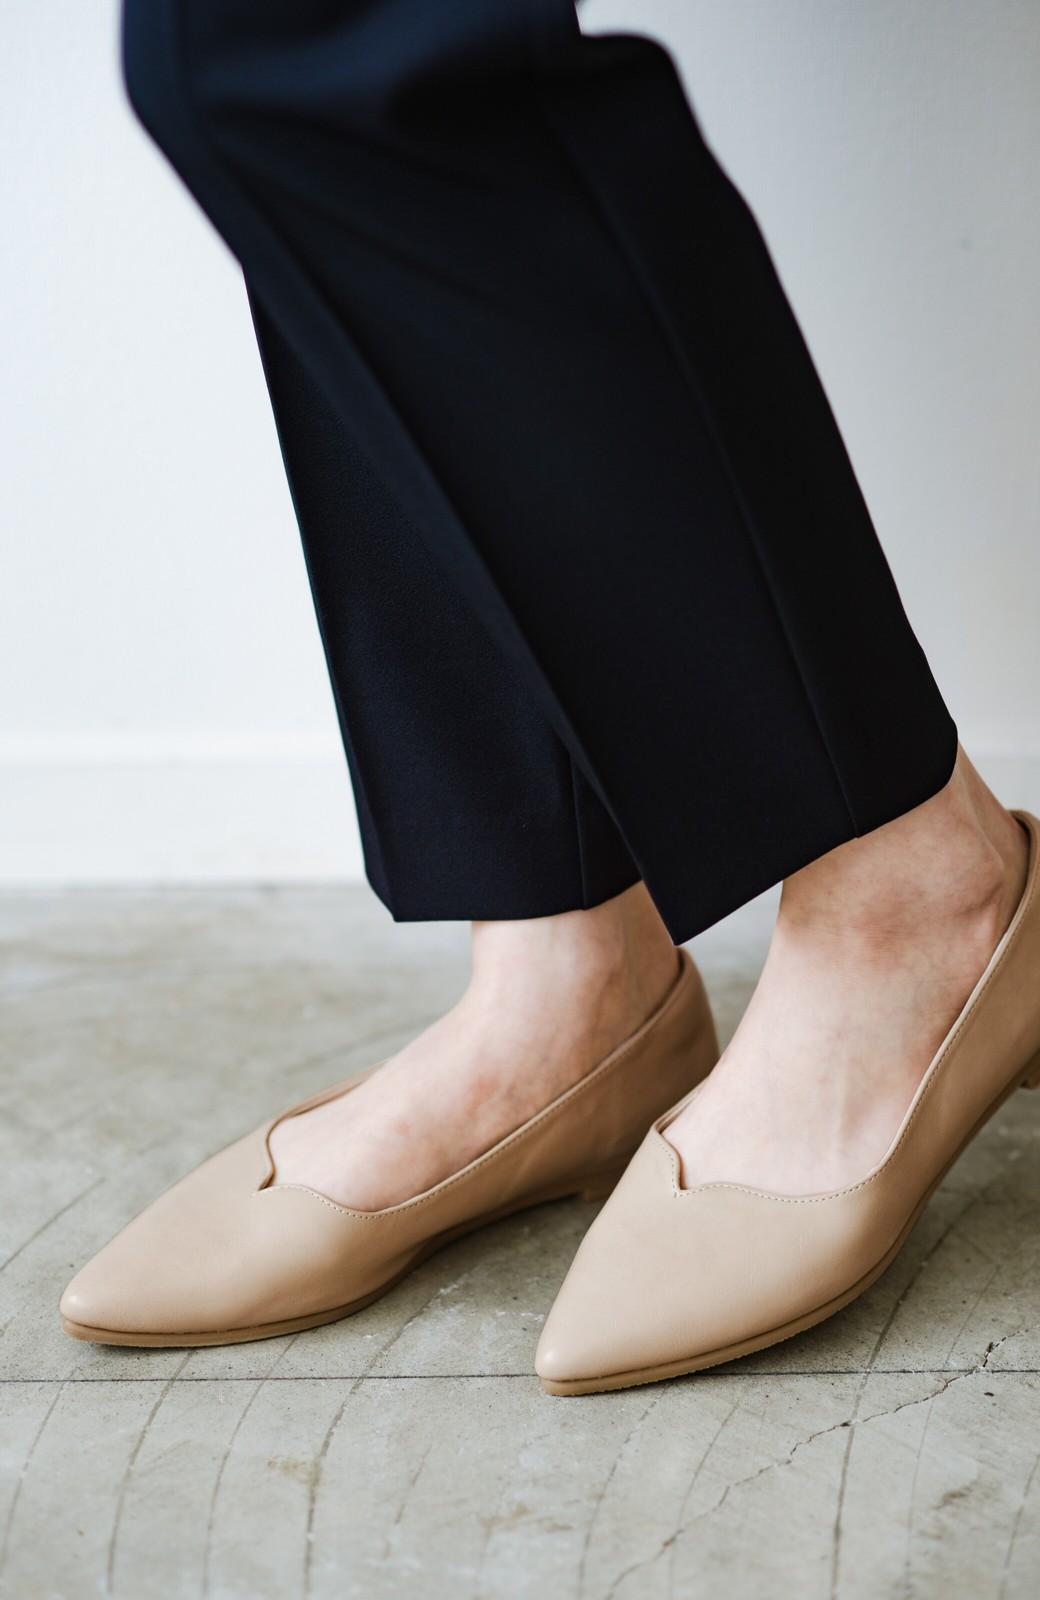 haco! 【防水】普段もお仕事も雨の日も!さっと履いて女っぽい Vカットが足をきれいに見せてくれるフラットパンプス <ベージュ>の商品写真5